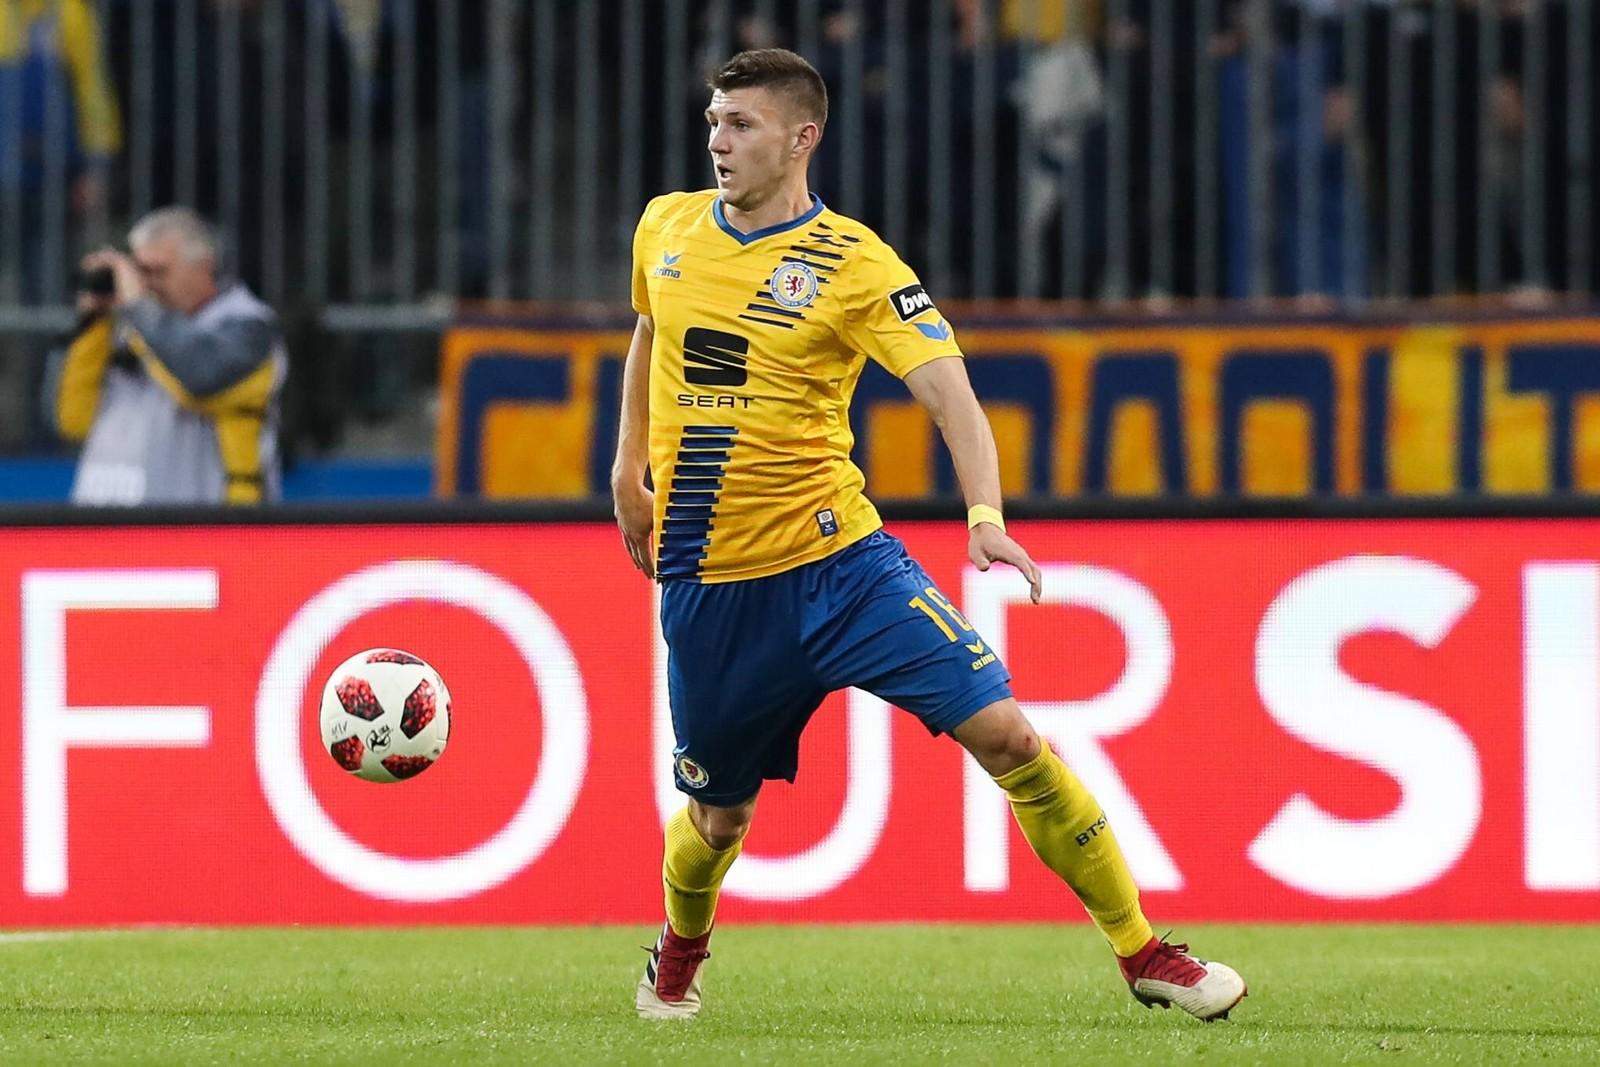 Robin Becker von Eintracht Braunschweig